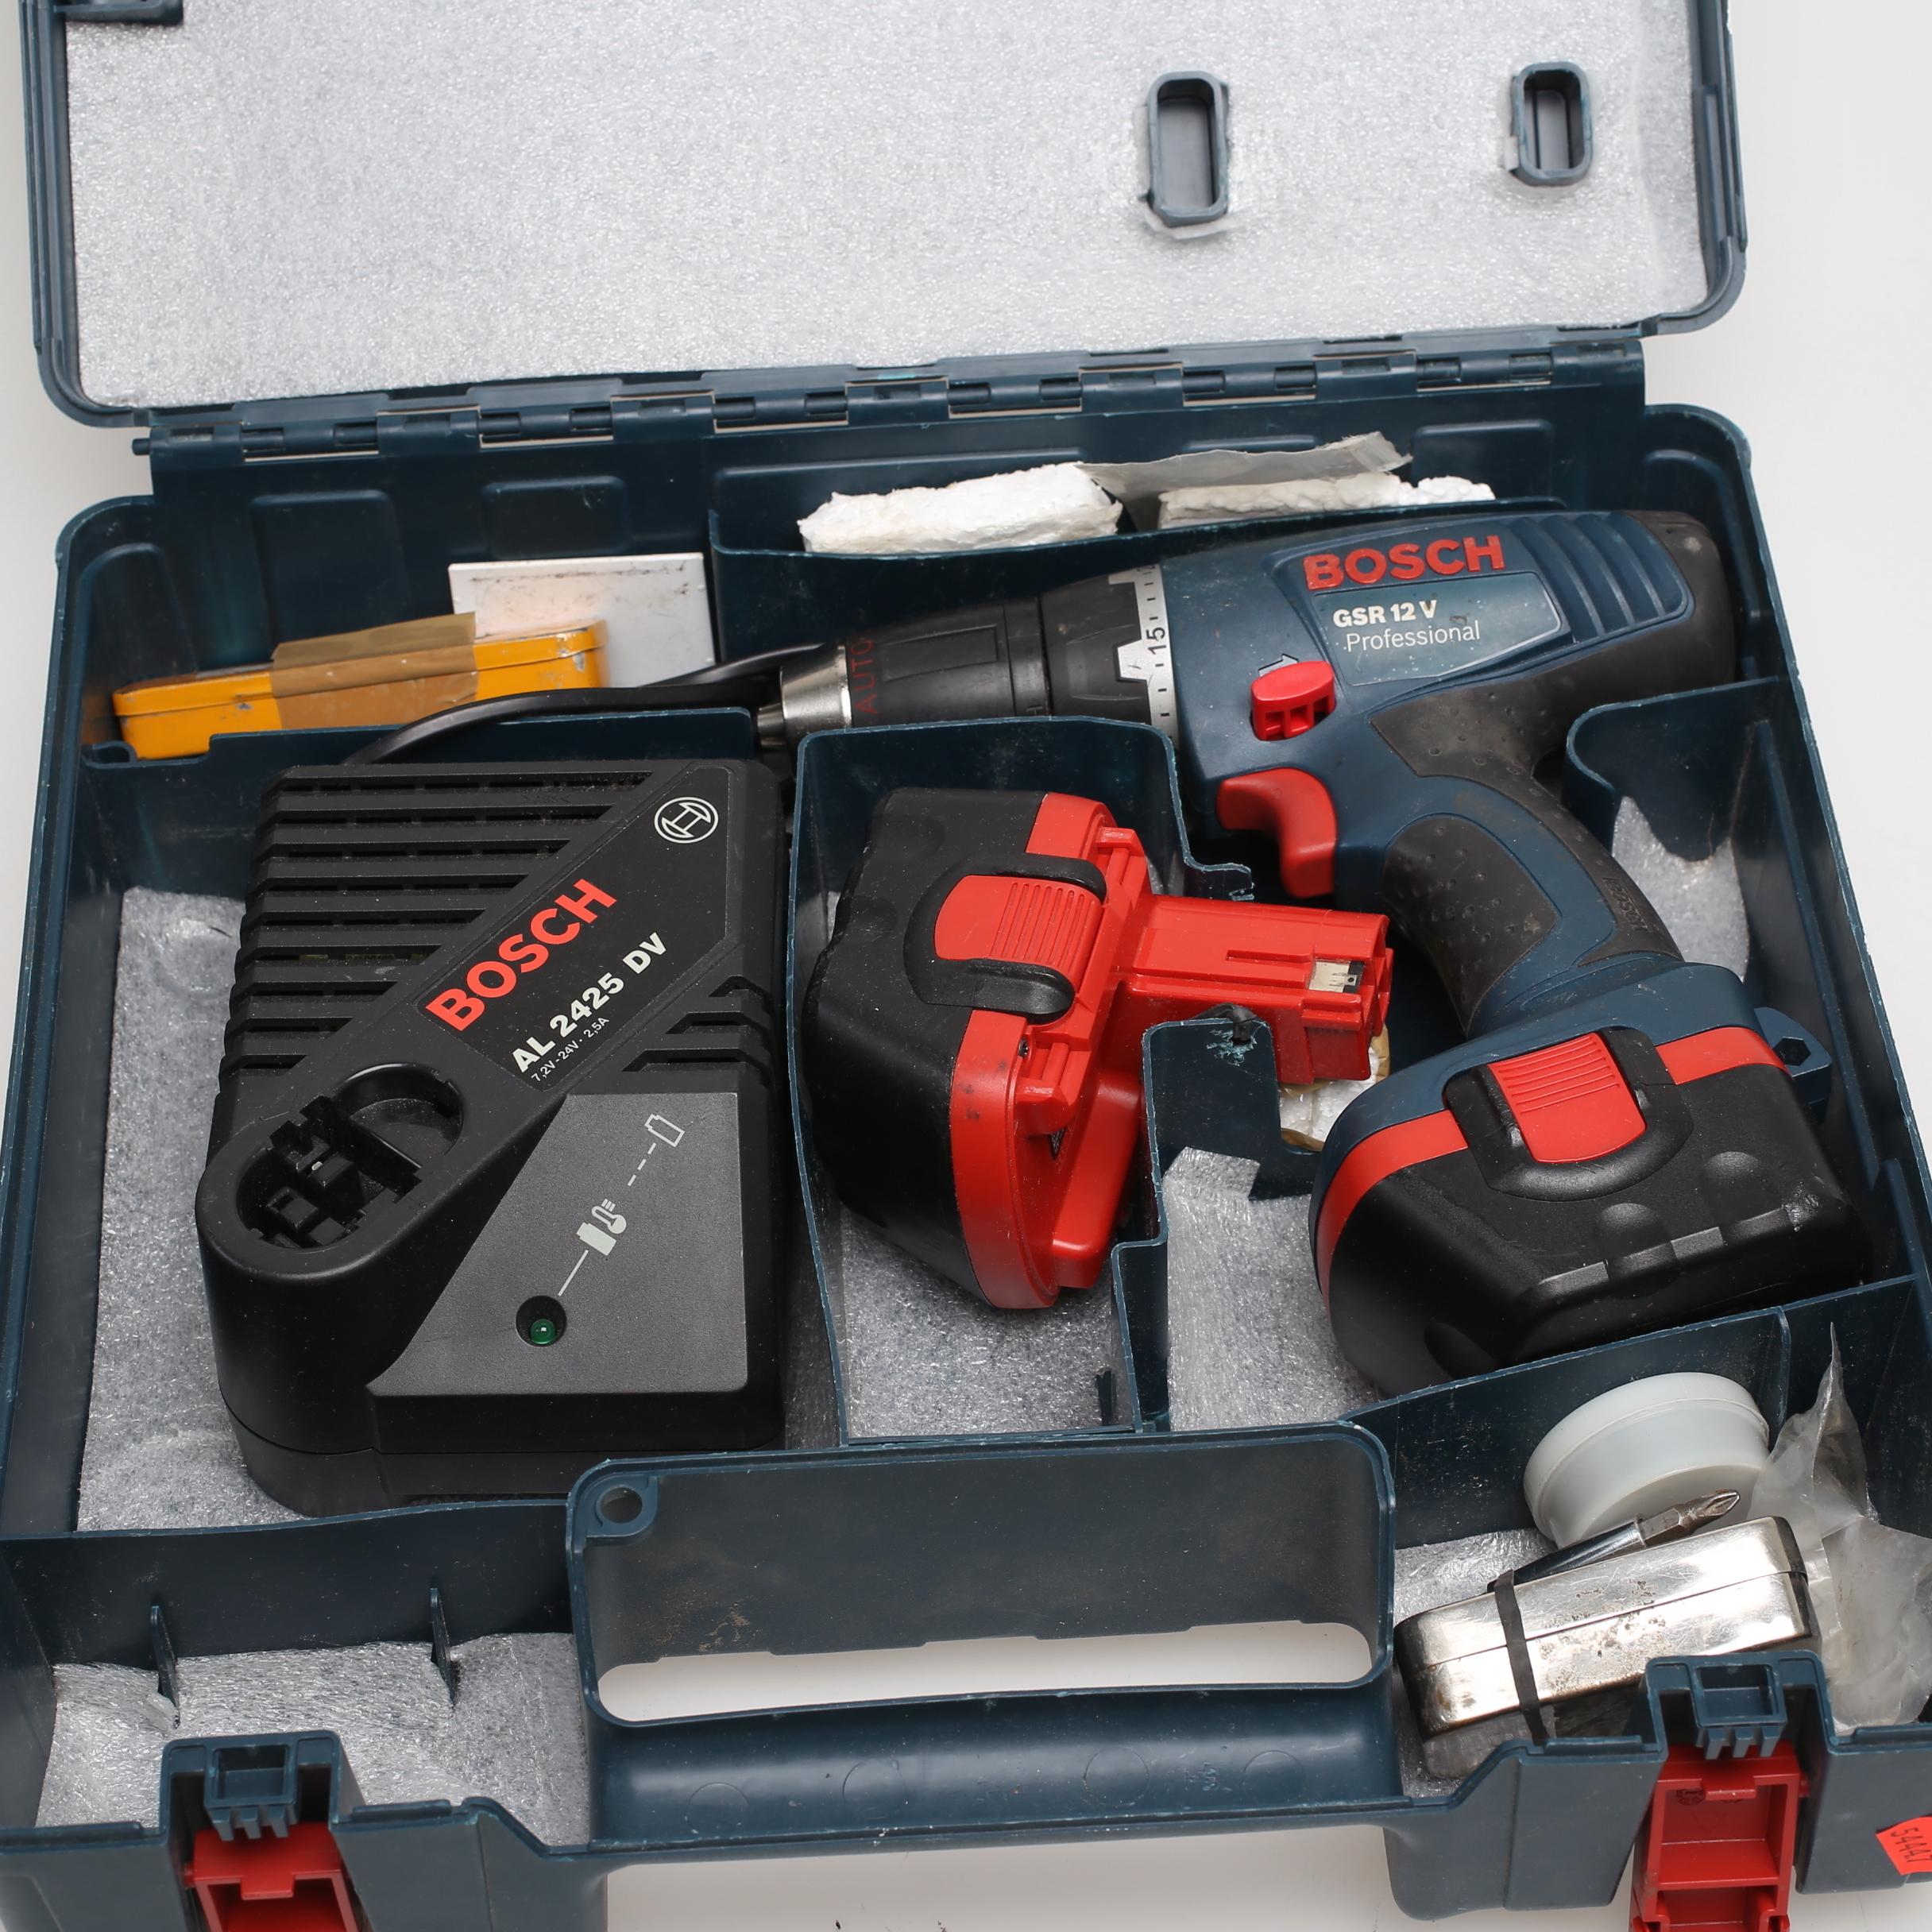 Nya Images for 854654. SKRUVDRAGARE, Bosch GSR 12 V, extra batteri TQ-32